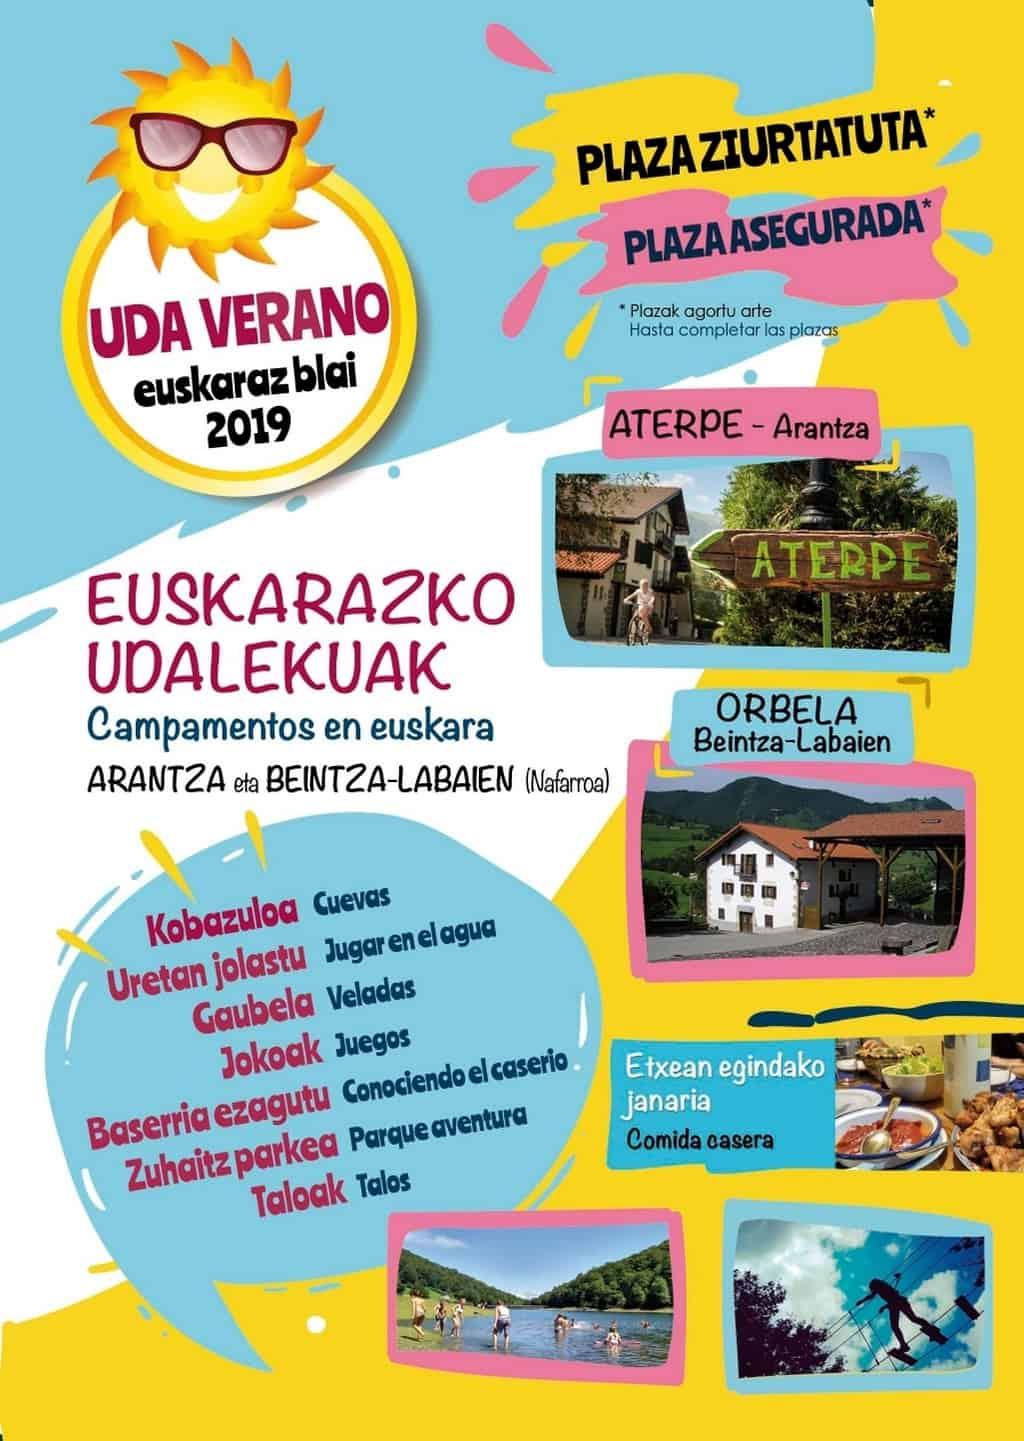 Folleto Euskarazblai Udalekuak, campamentos de verano en euskara